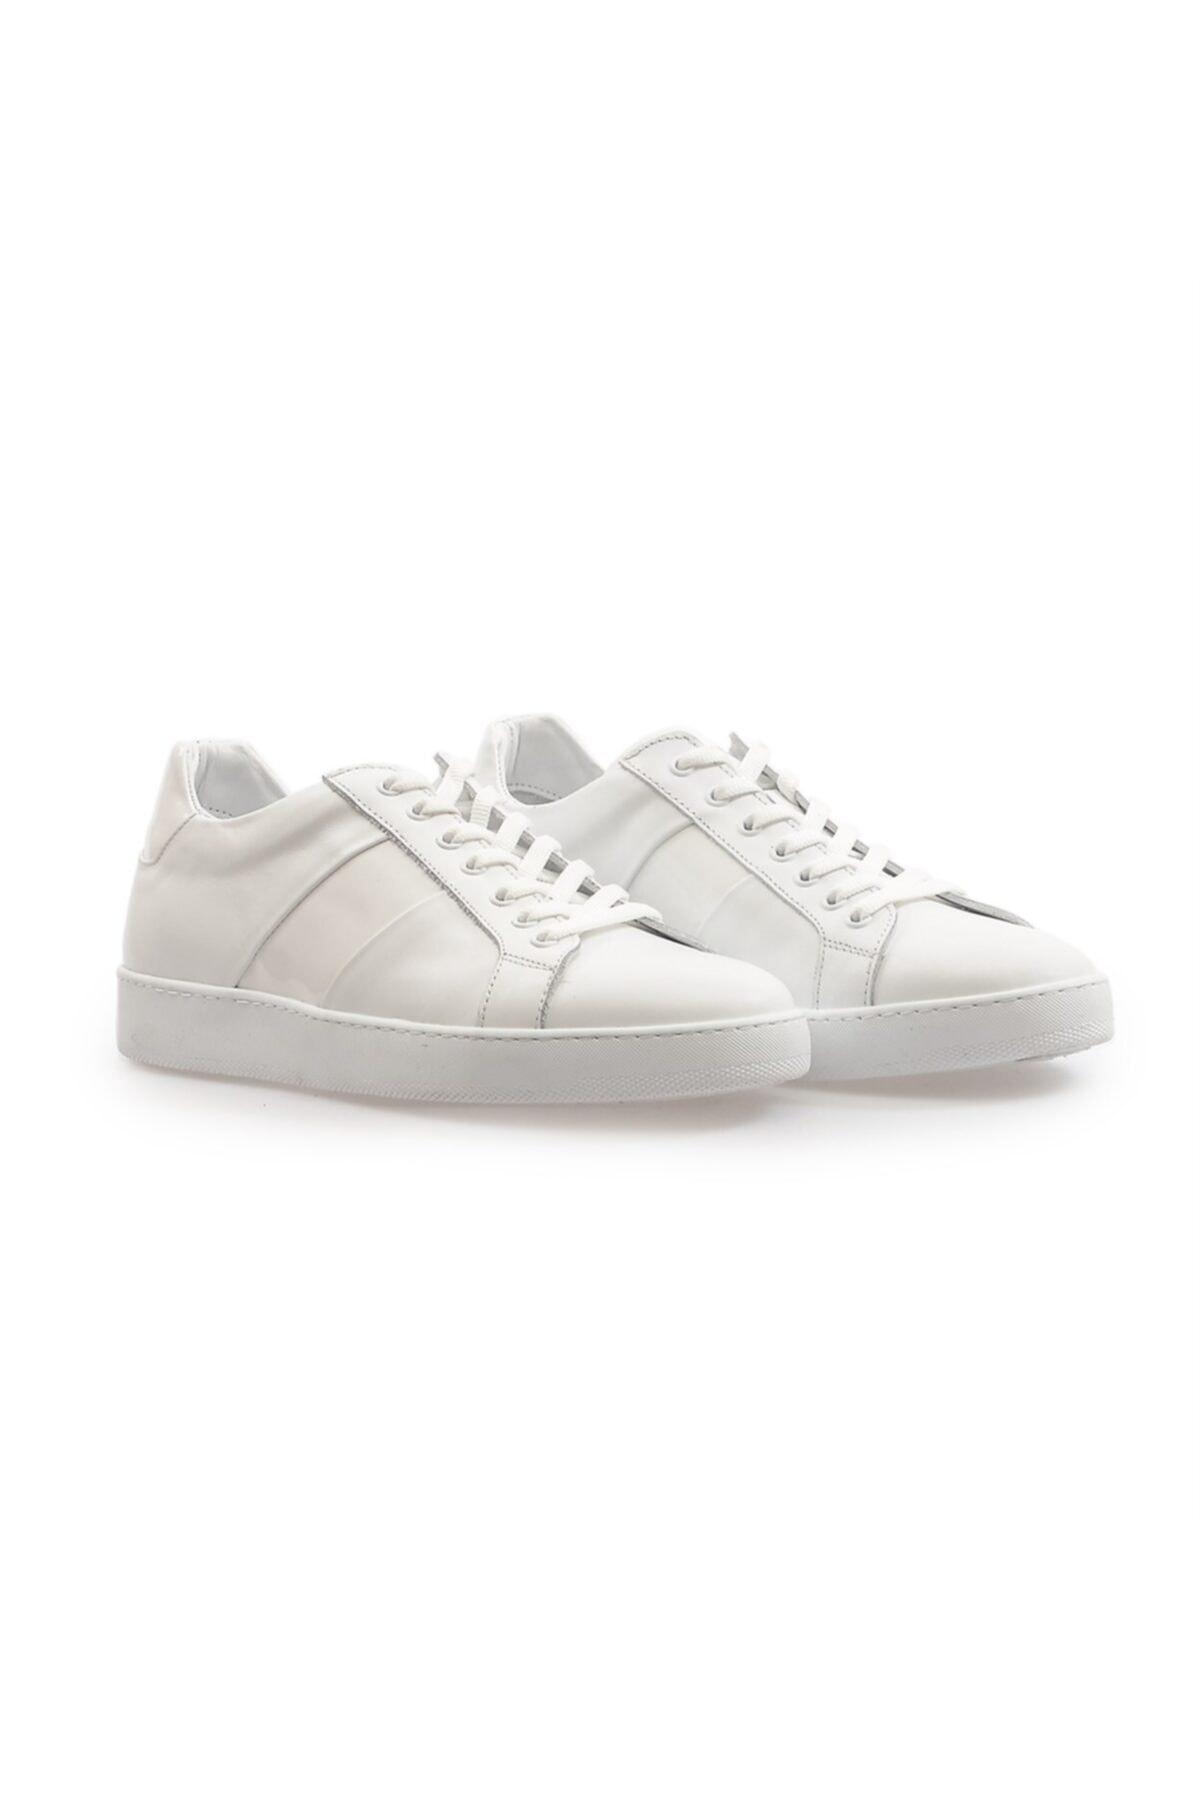 Flower Beyaz Deri Bağcıklı Erkek Sneakers 2